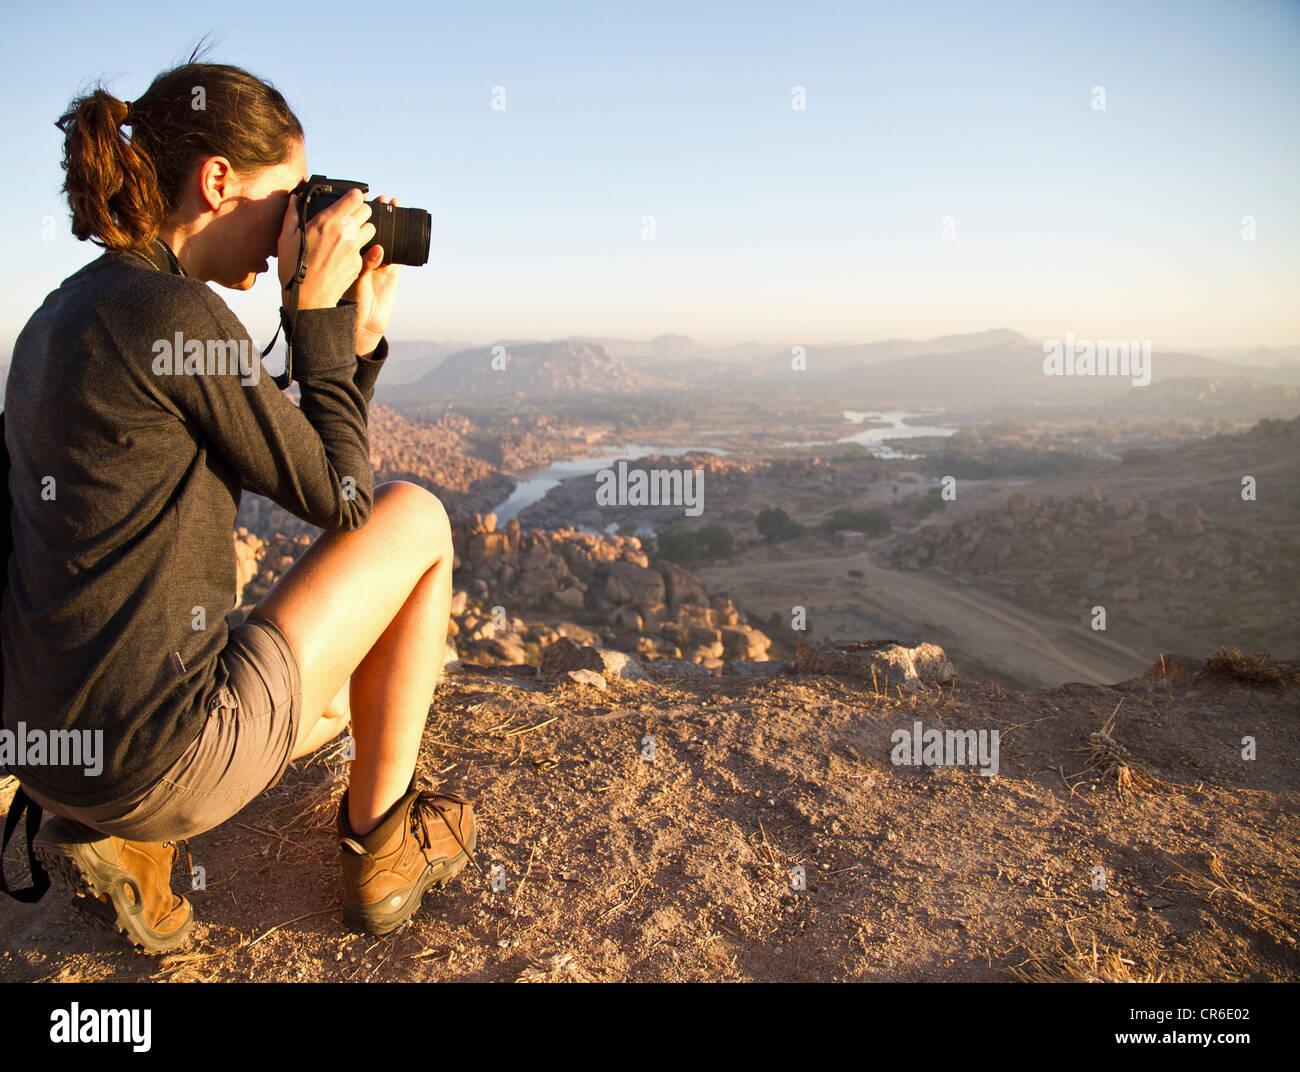 La India, Karnataka, jóvenes mujeres turistas fotografiando en la cima de la colina en Hampi Foto de stock